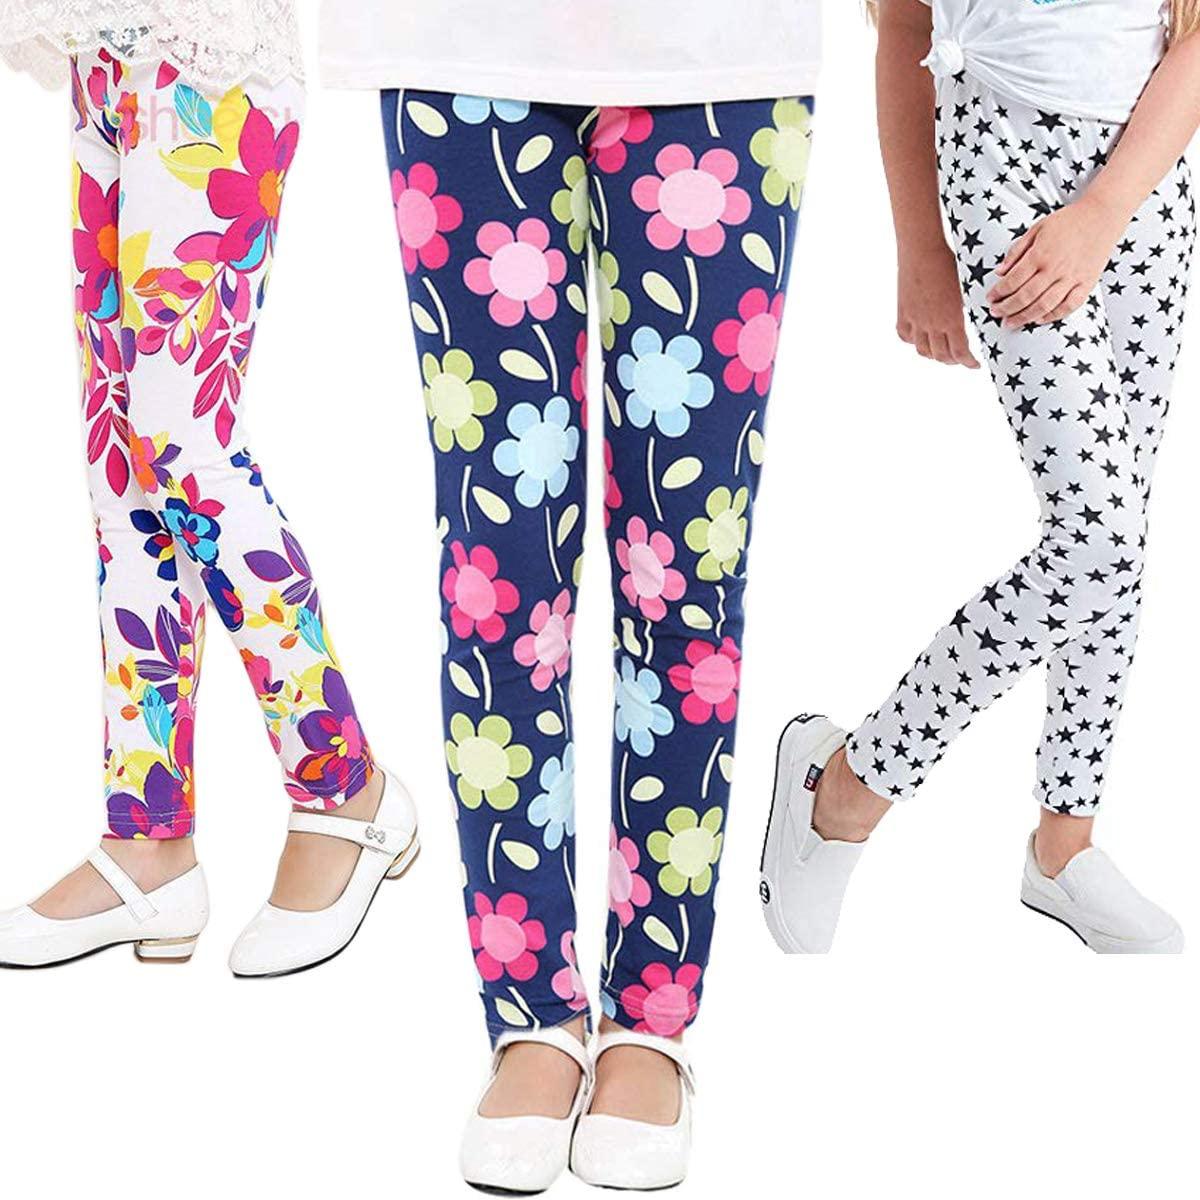 Girls Stretch Leggings Tights Girls Pants Printing Flower Toddler Classic Leggings for Kids 3 Packs Children Trousers